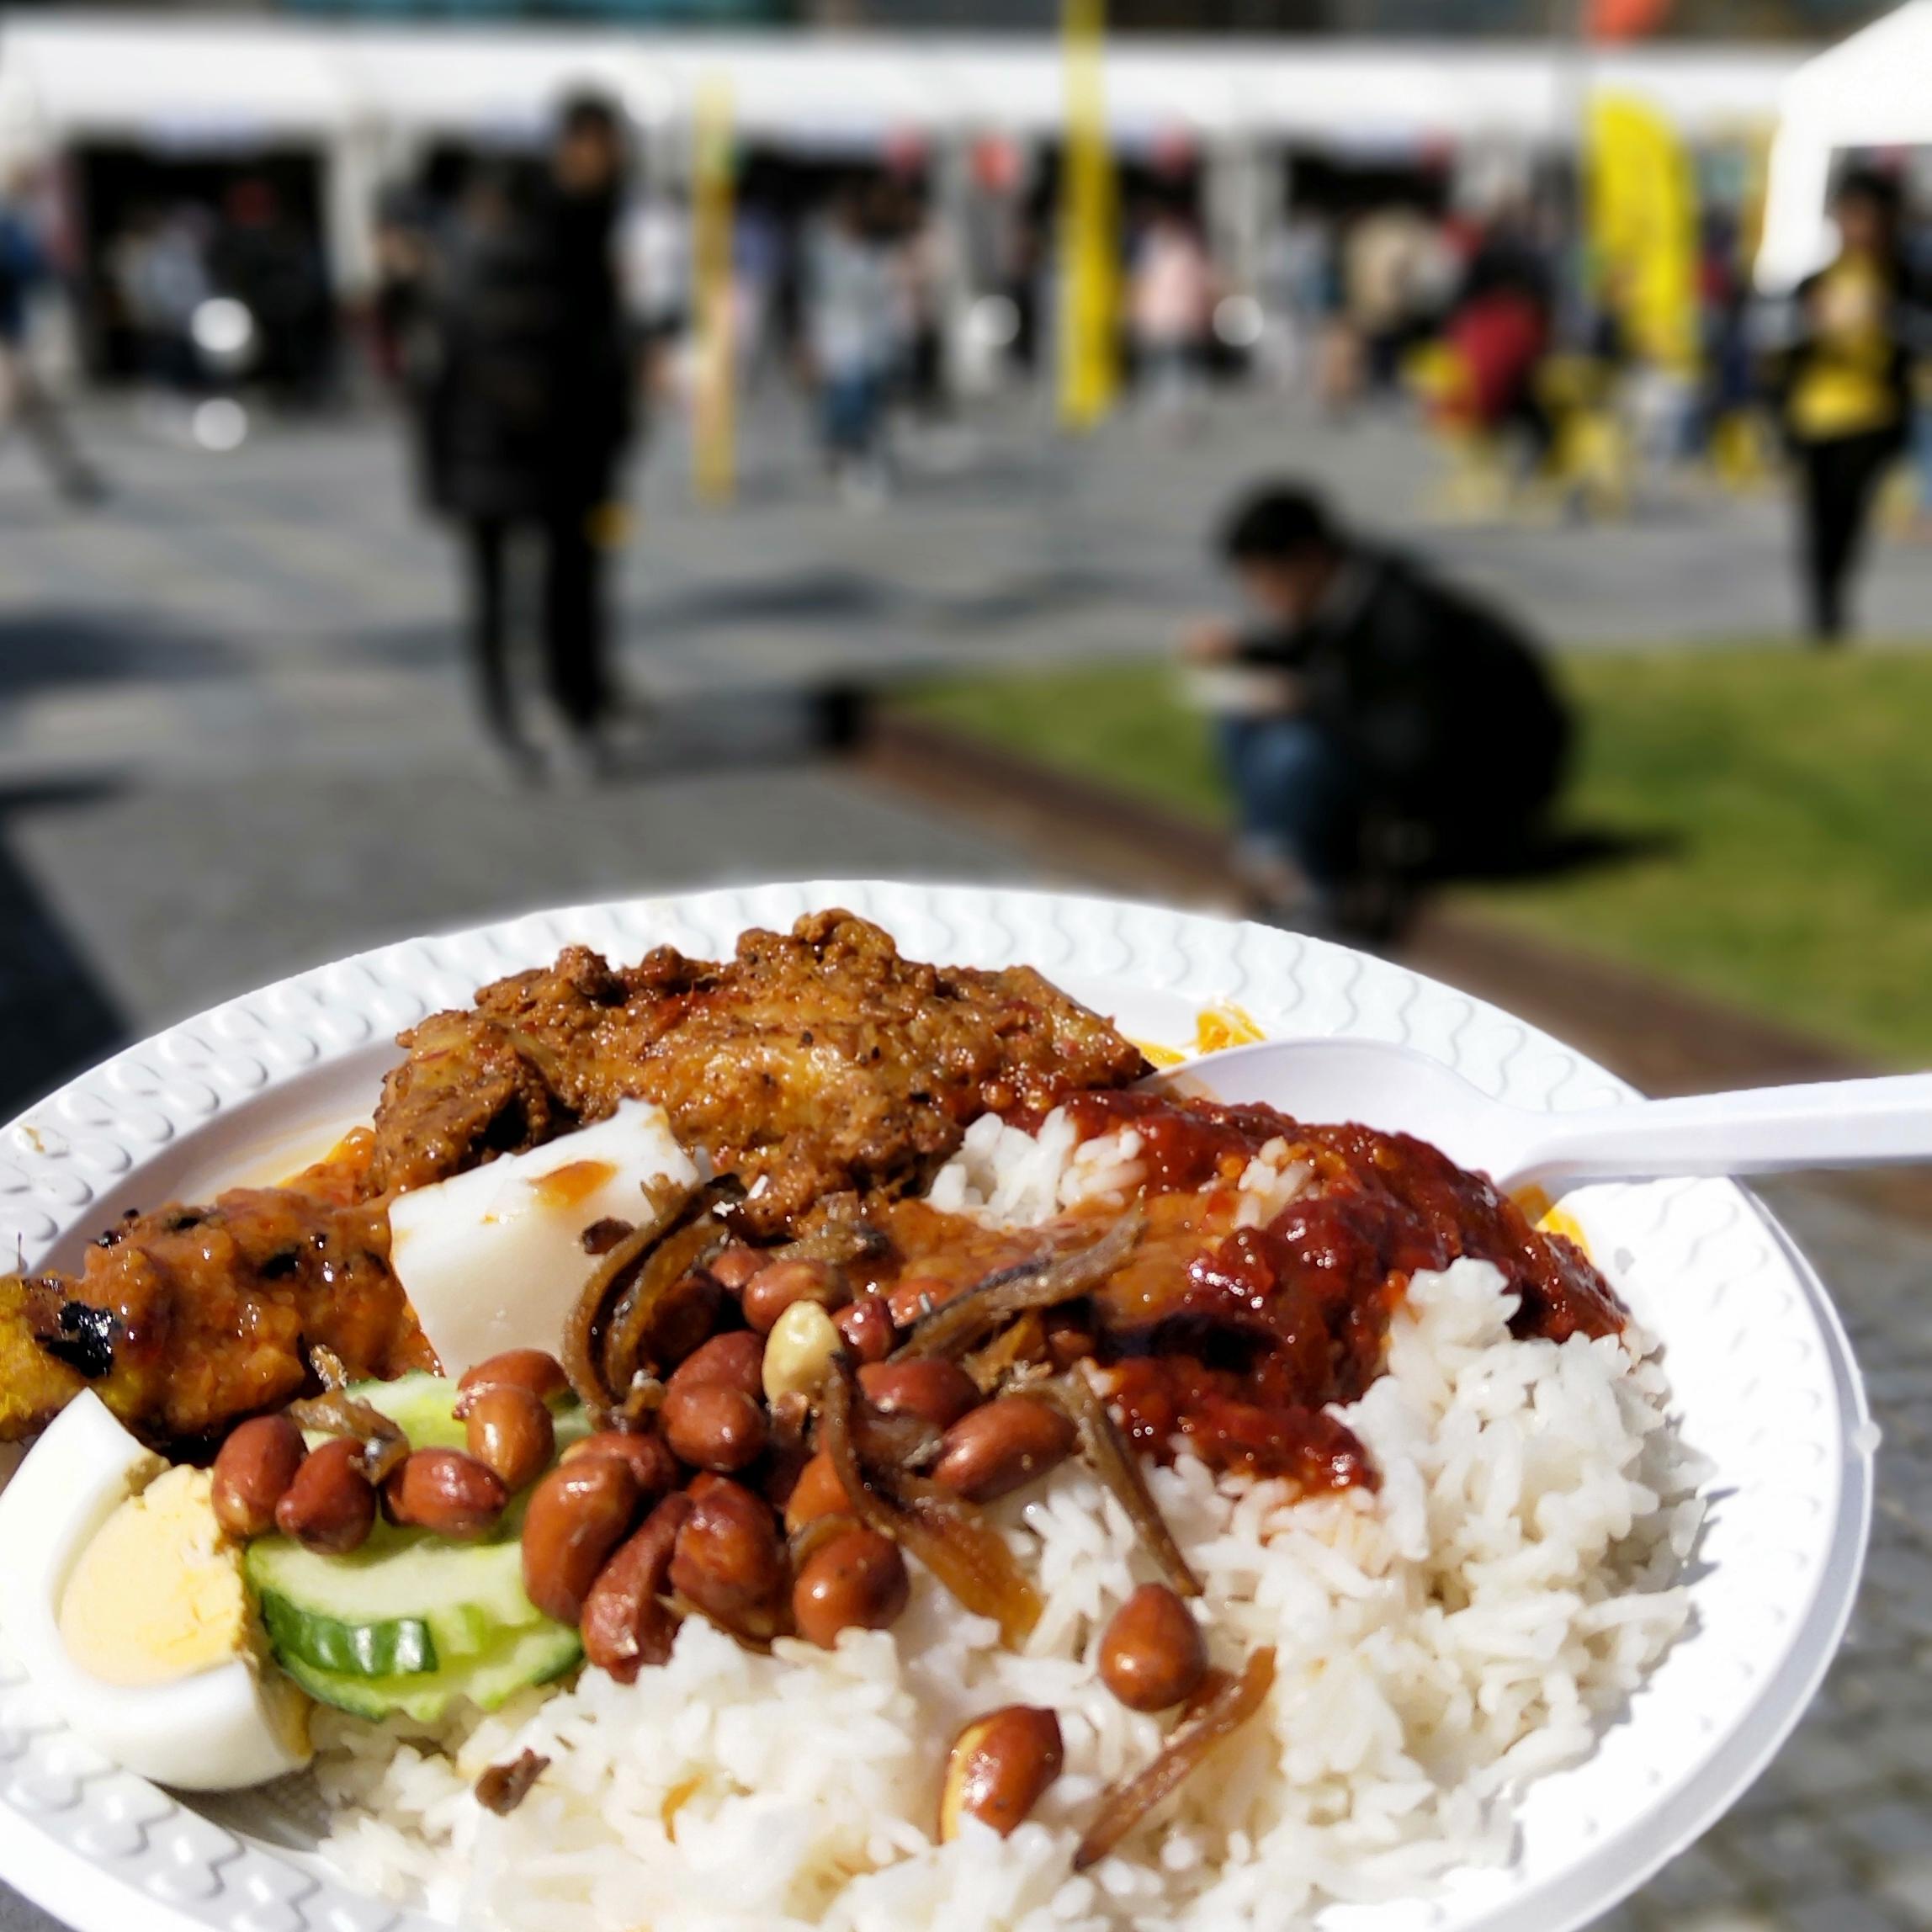 MALAYSIAN FOOD - ASIAN FOOD FESTIVAL | EASTERN AVENUE